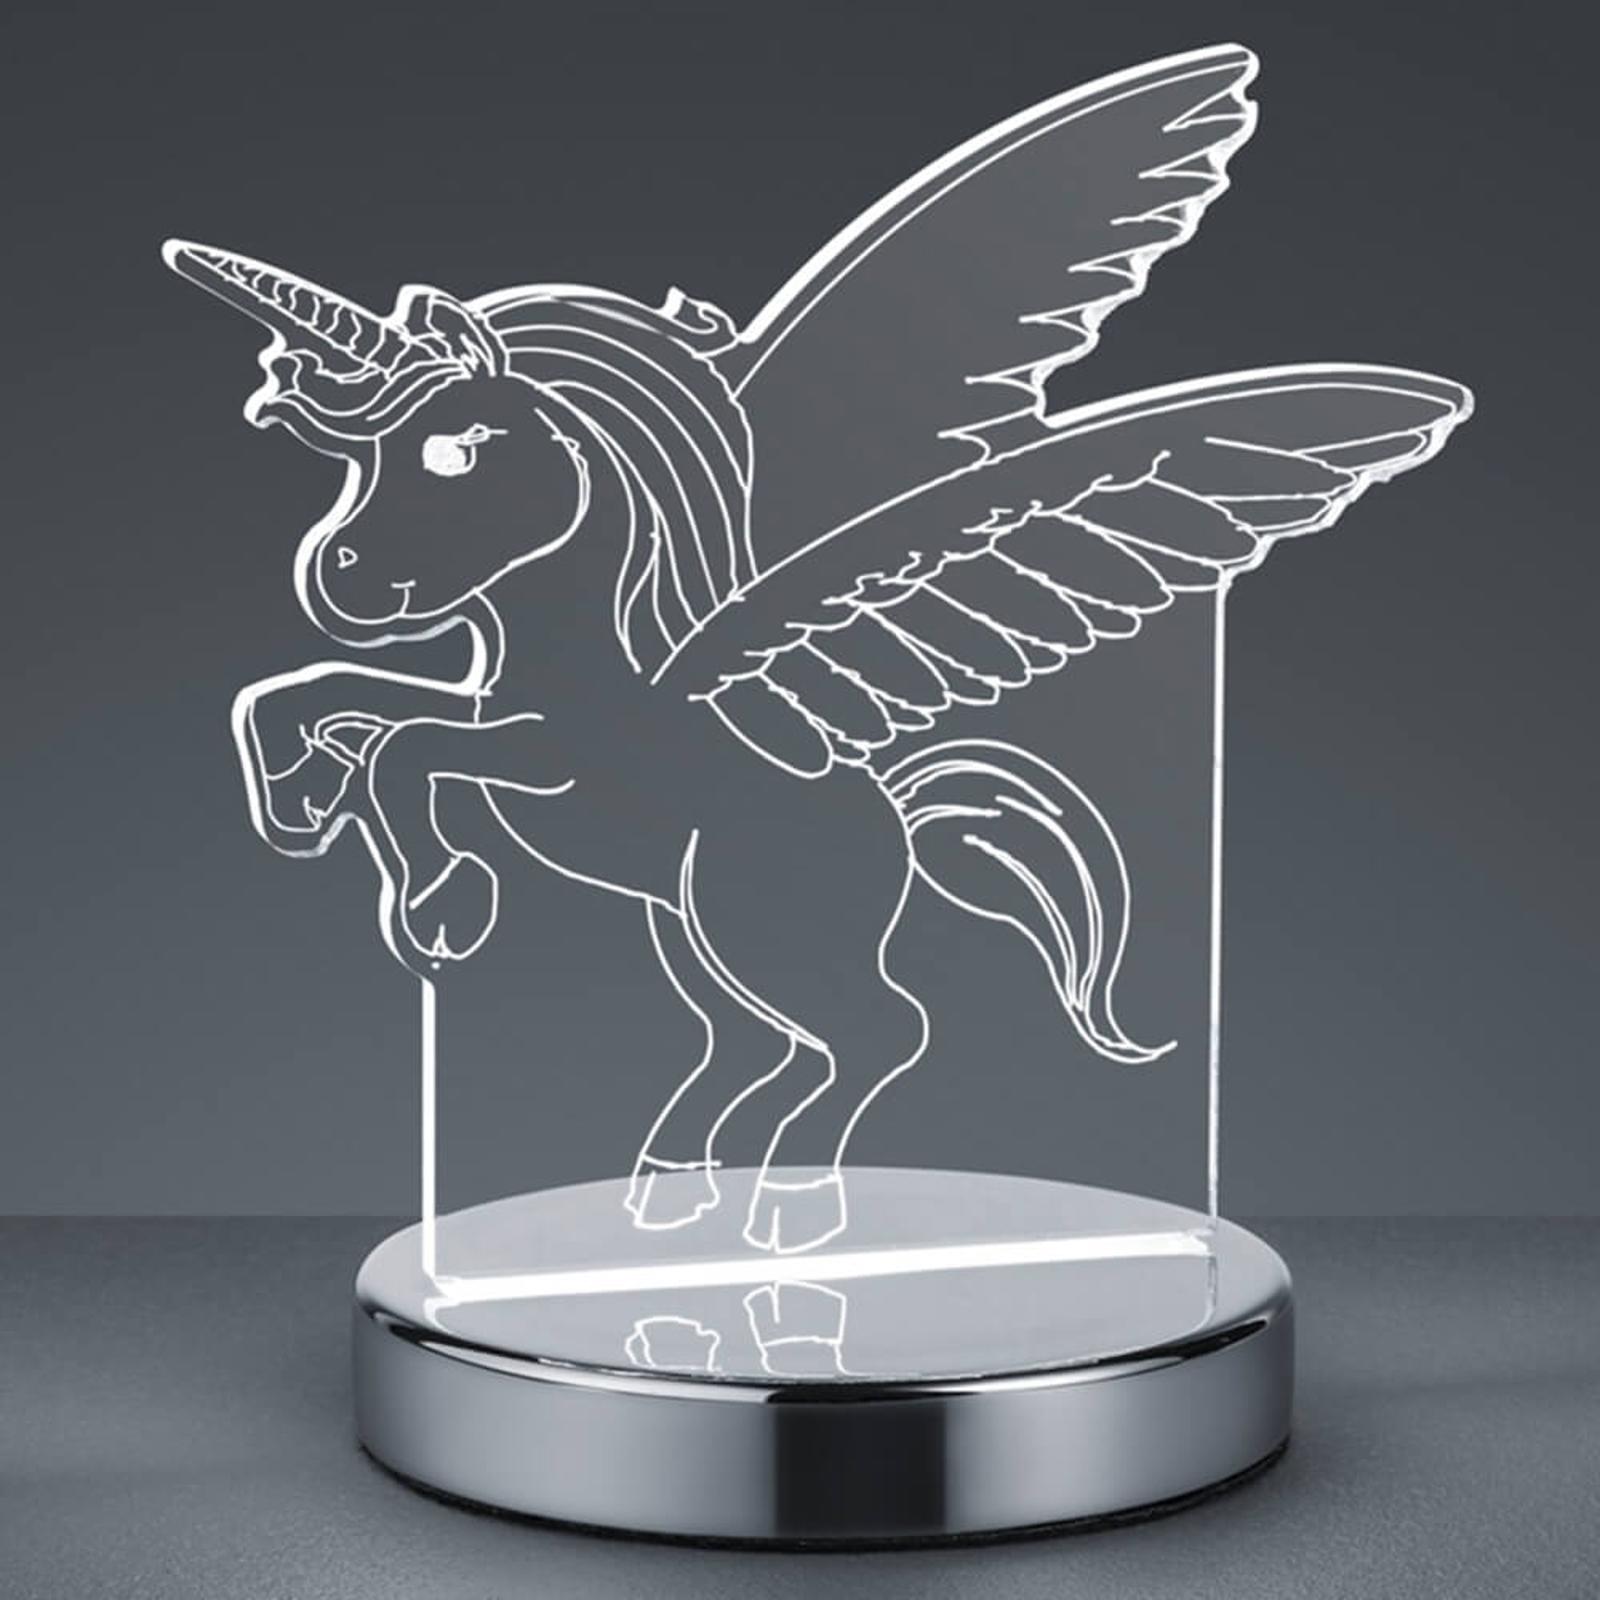 3D-hologrammi-pöytävalaisin Karo, yksisarvinen